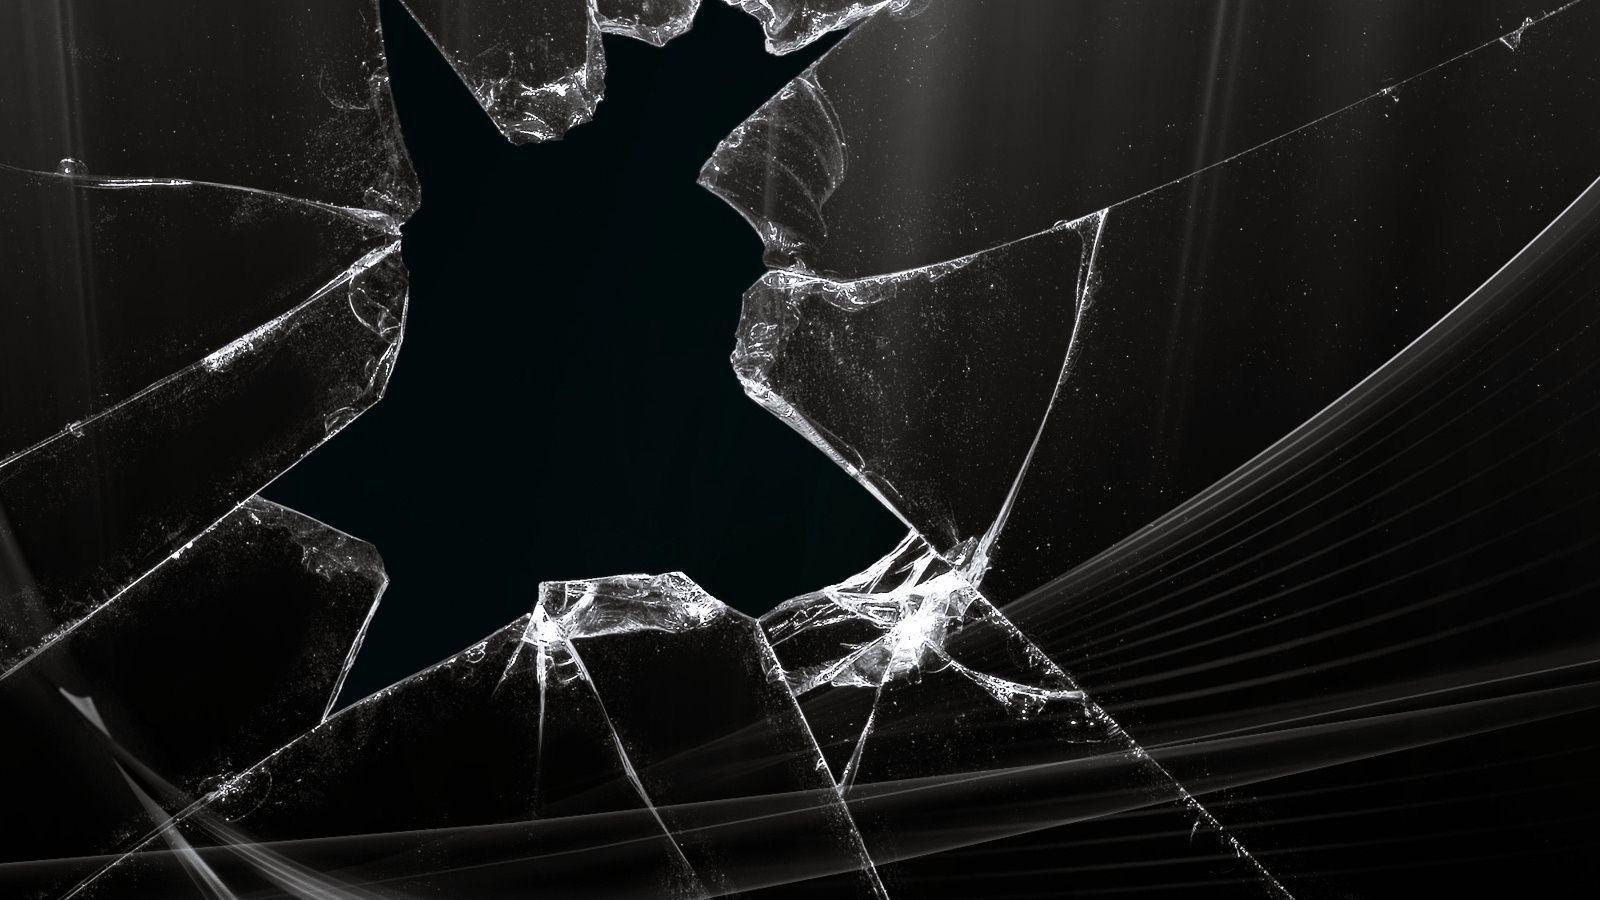 Broken Mobile Screen 3D Wallpapers - Wallpaper Cave